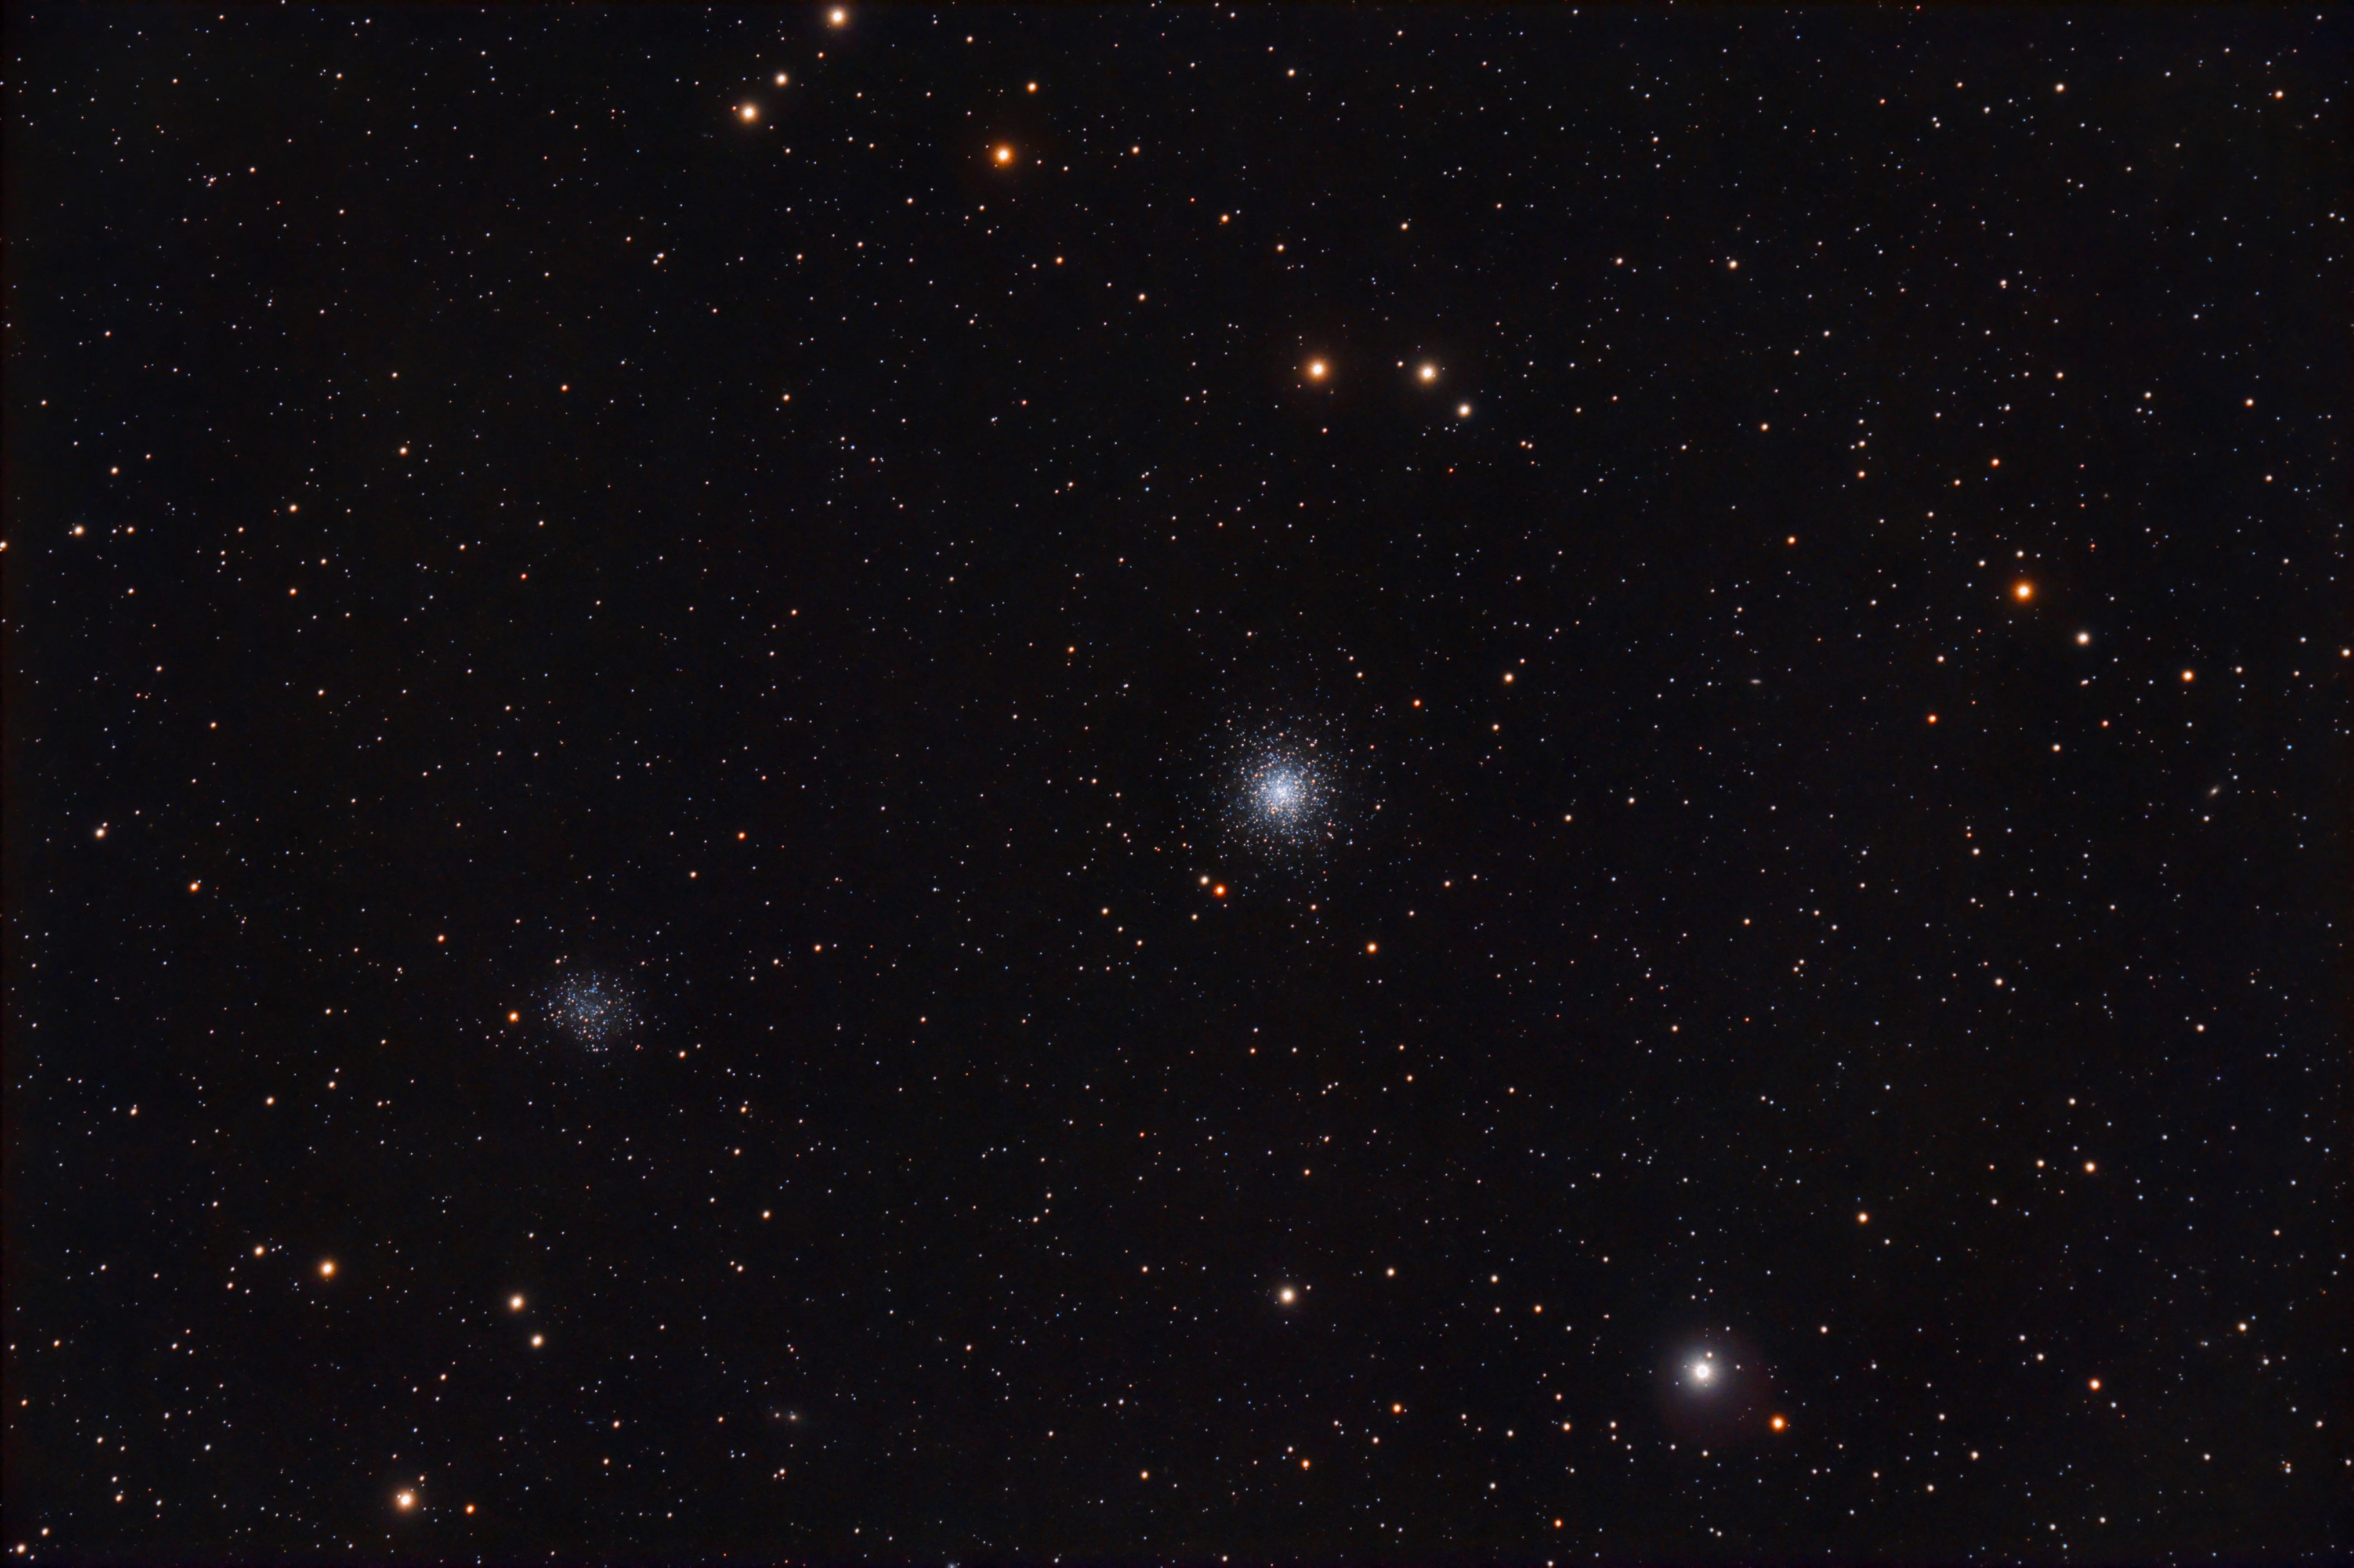 M53, NGC5053